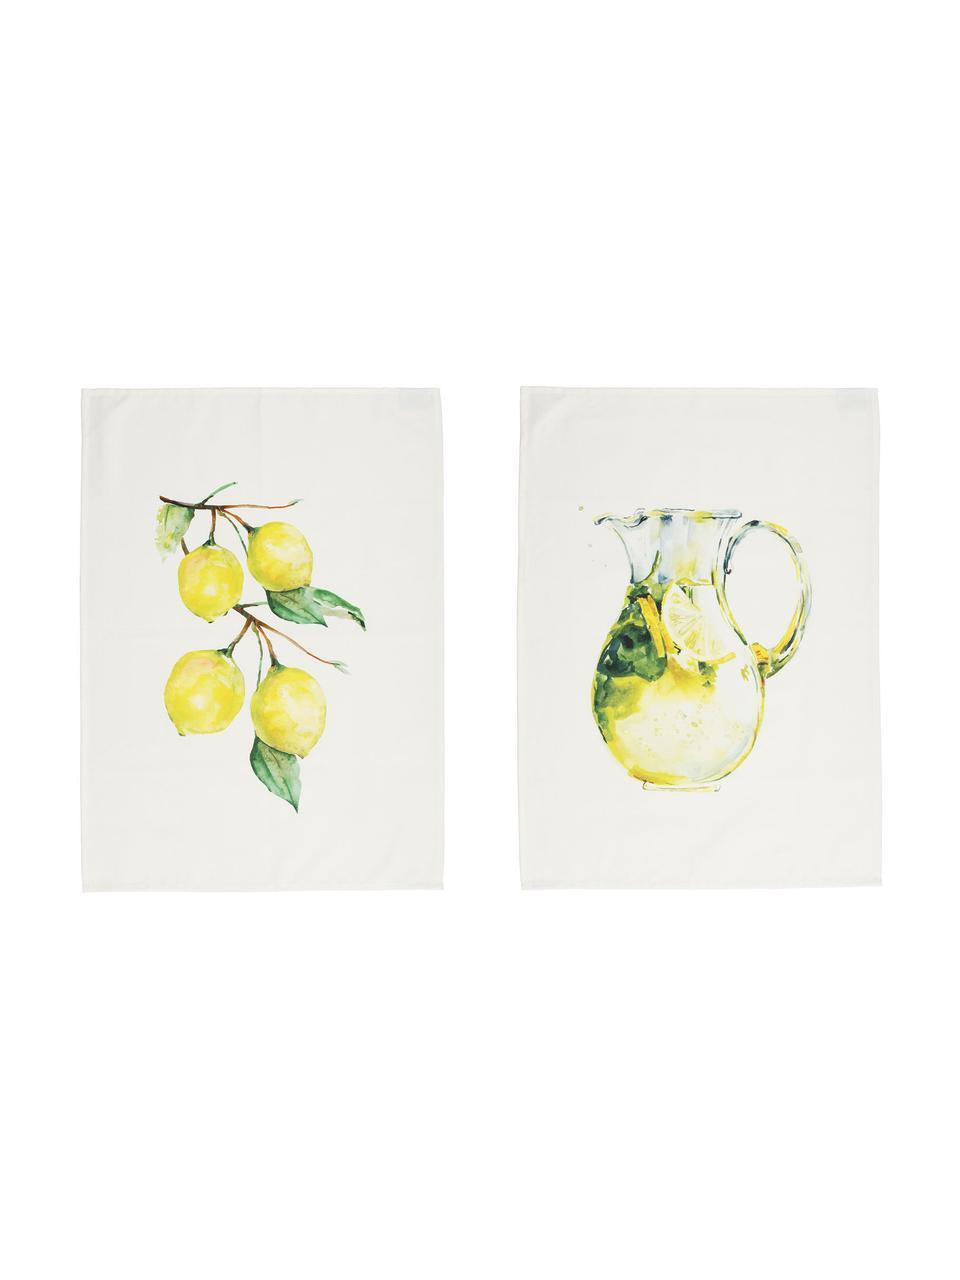 Theedoeken Citronade met citroenmotieven, 2 stuks, 100% katoen, Wit, geel, groen, 50 x 70 cm